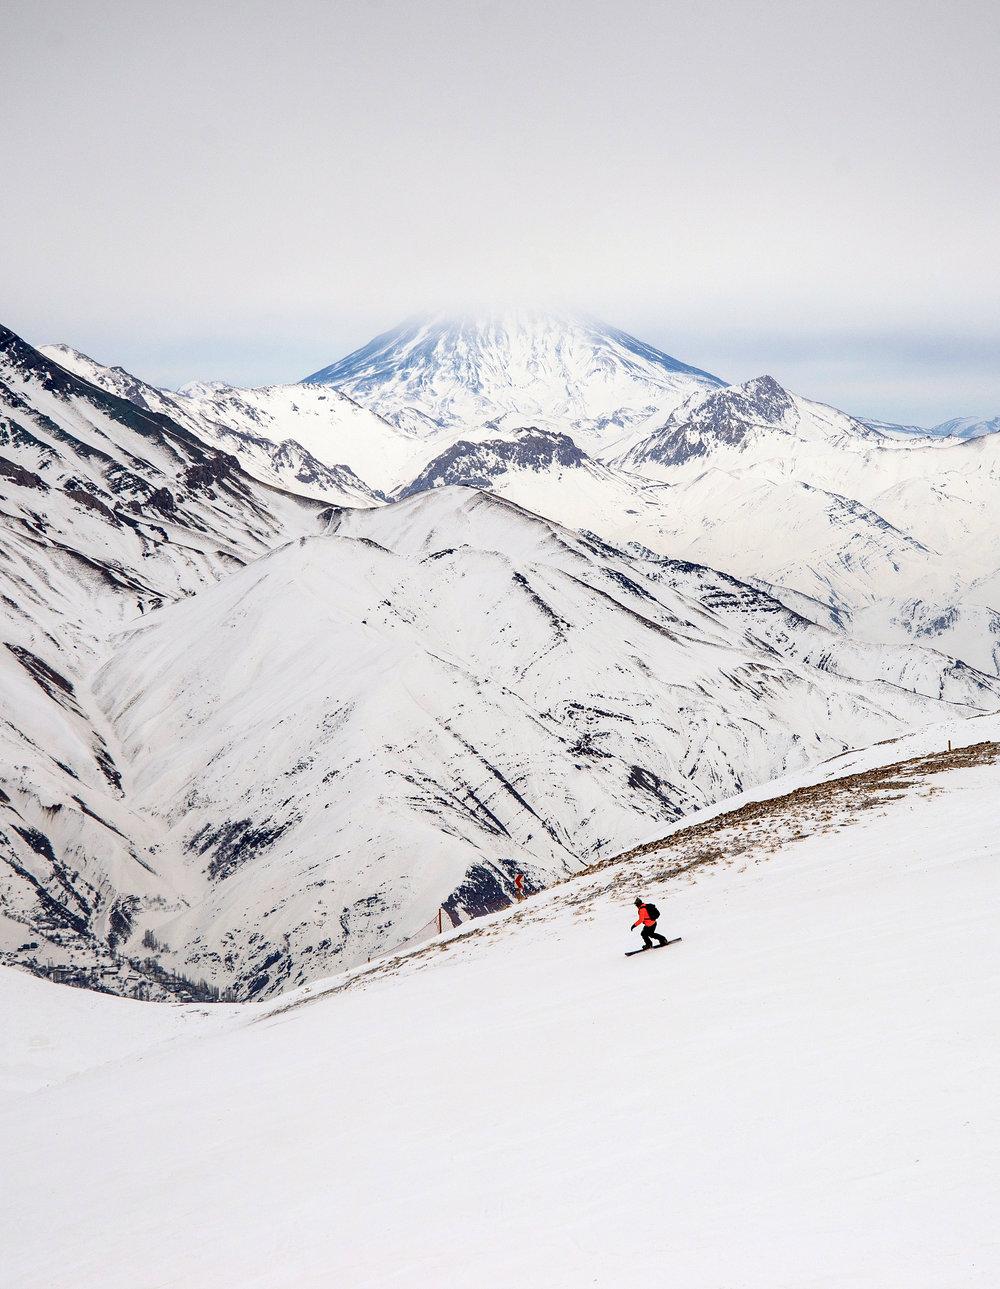 An Unknown White Destination - Winter Activities in Iran